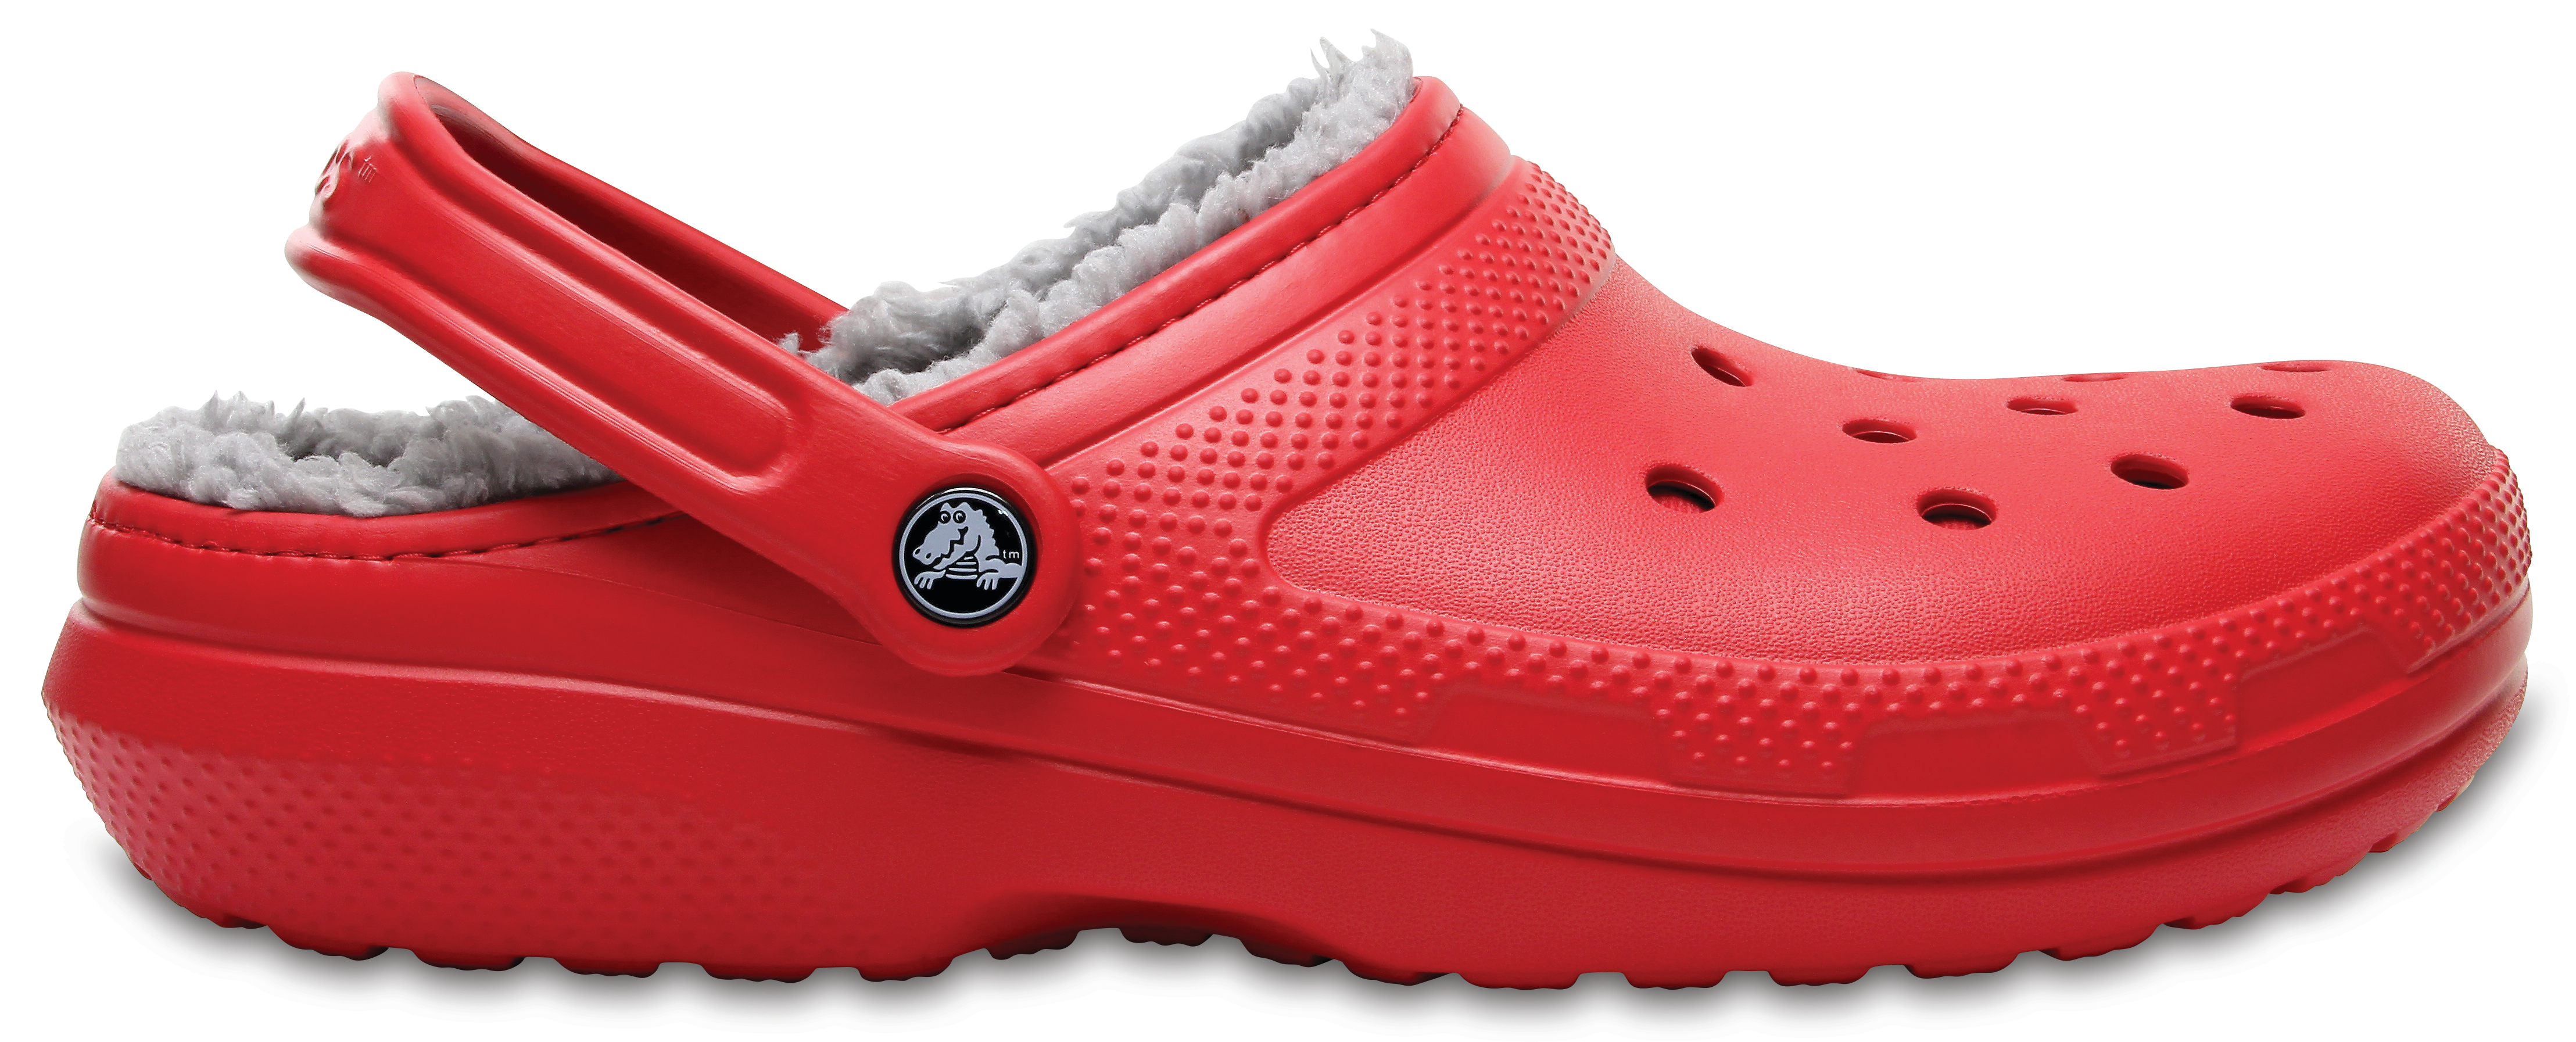 Crocs Classic Lined Clog Ppr/Sil M4/W6